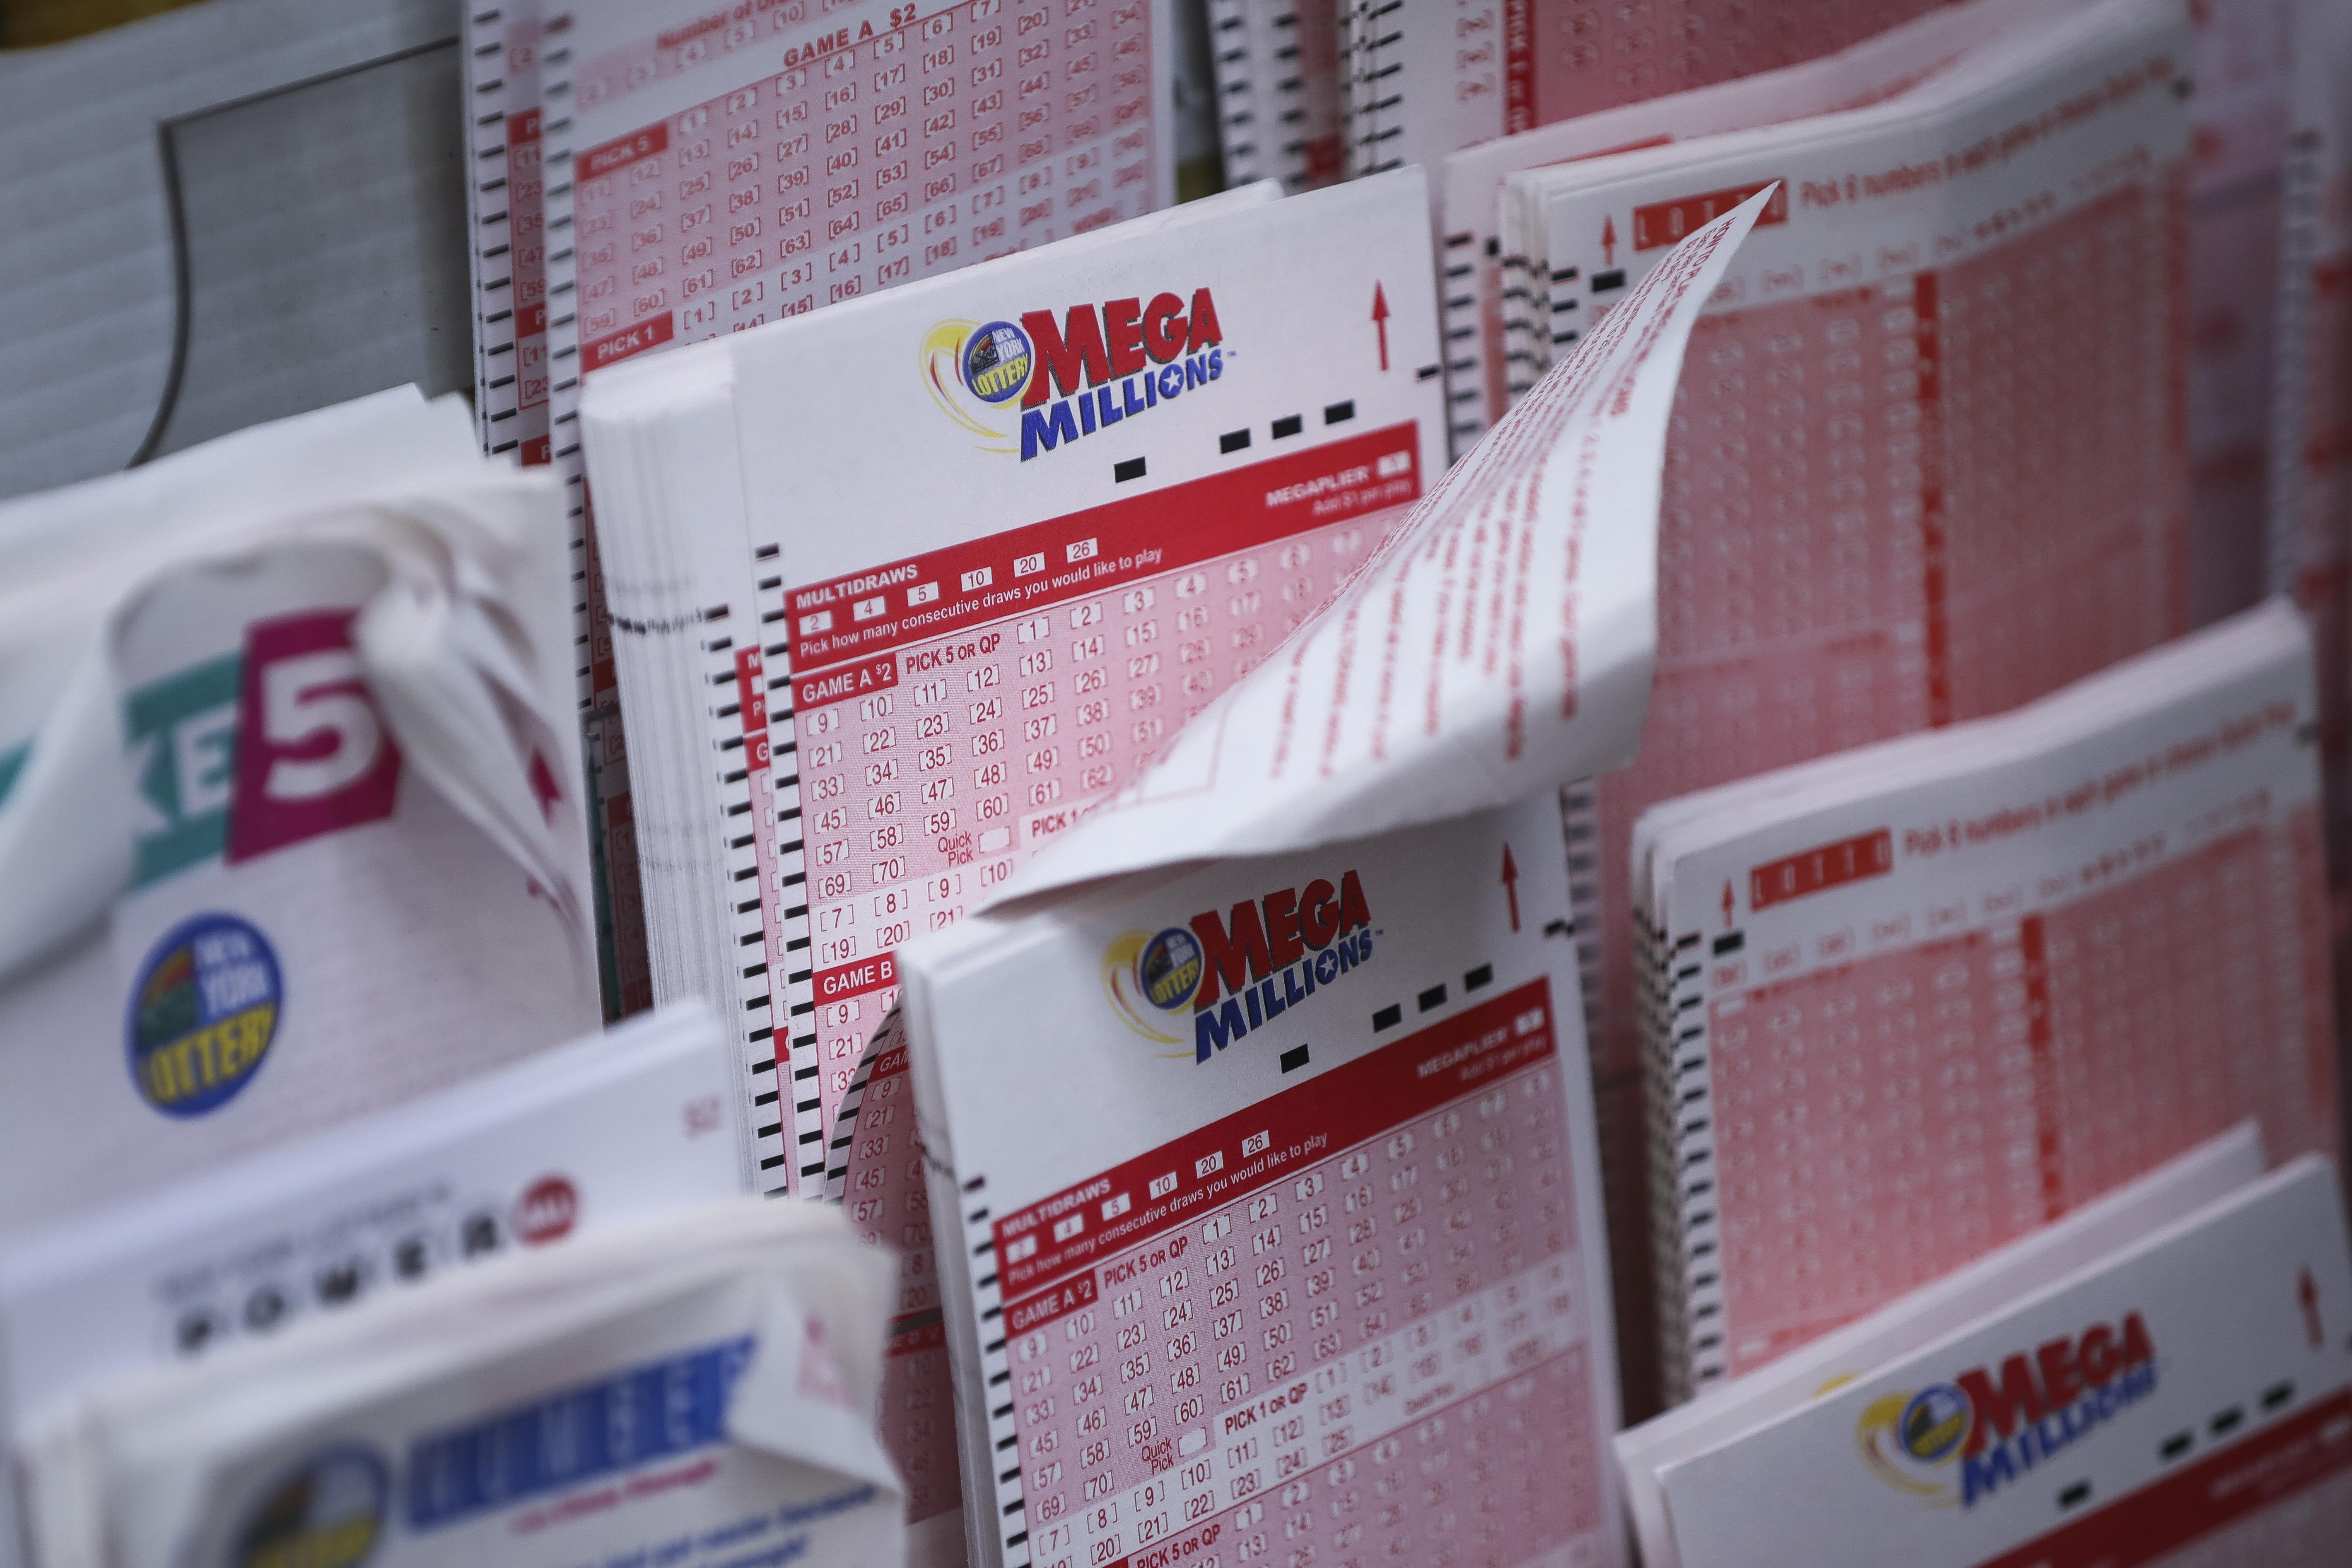 Gewinner von Milliarden-Dollar-Jackpot meldet sich nicht